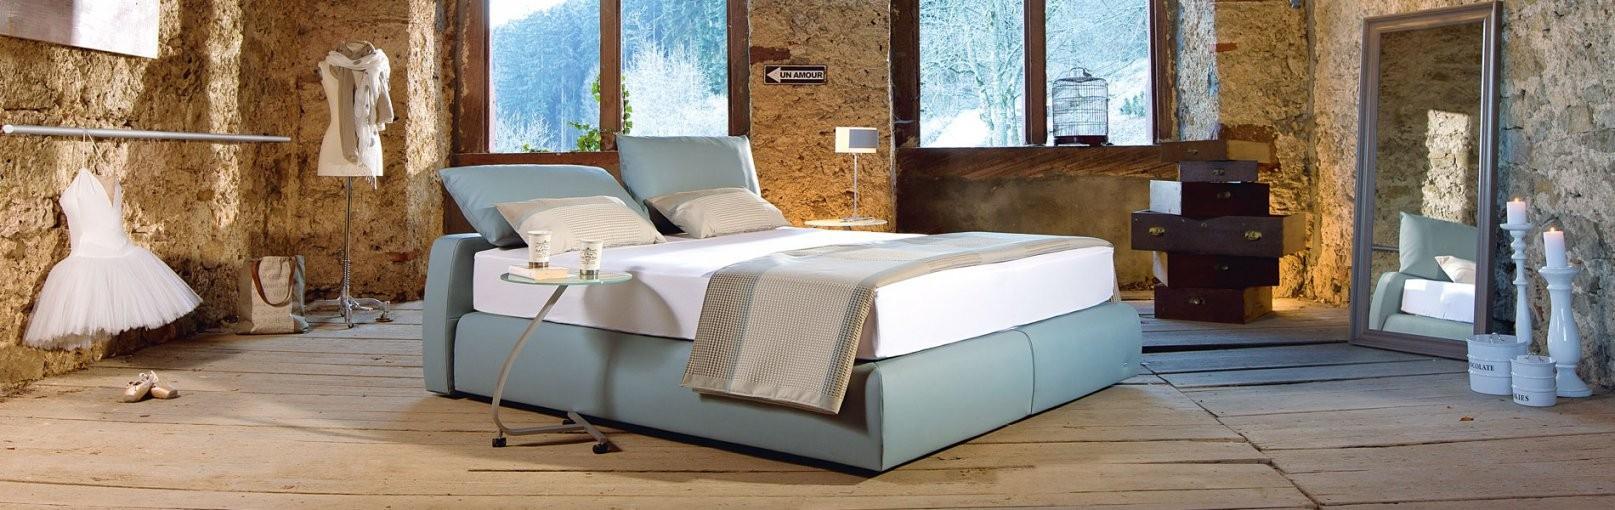 Ruf Bett Mit Bettkasten Groß Günstige Ruf Betten Matratzen Und von Ruf Bett Mit Bettkasten Photo